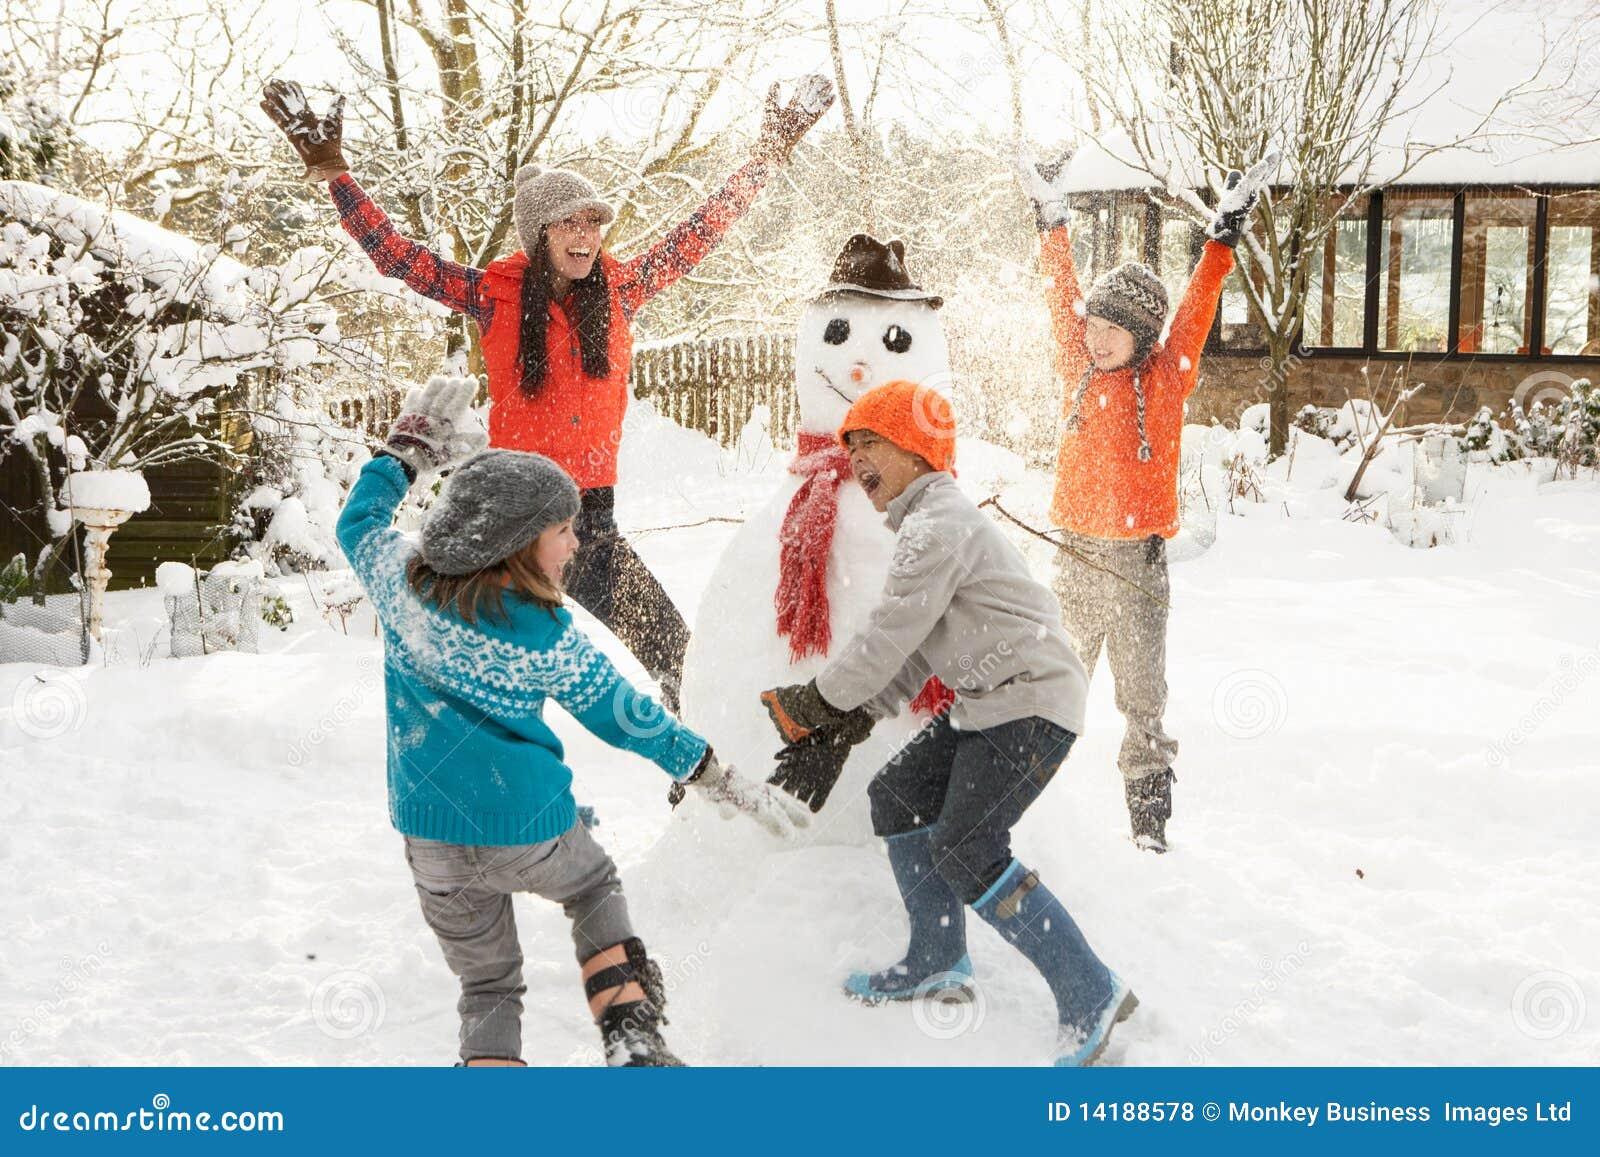 Für Kids Mütter Und Die Großen: Mutter Und Kinder, Die Schneemann Im Garten Aufbauen